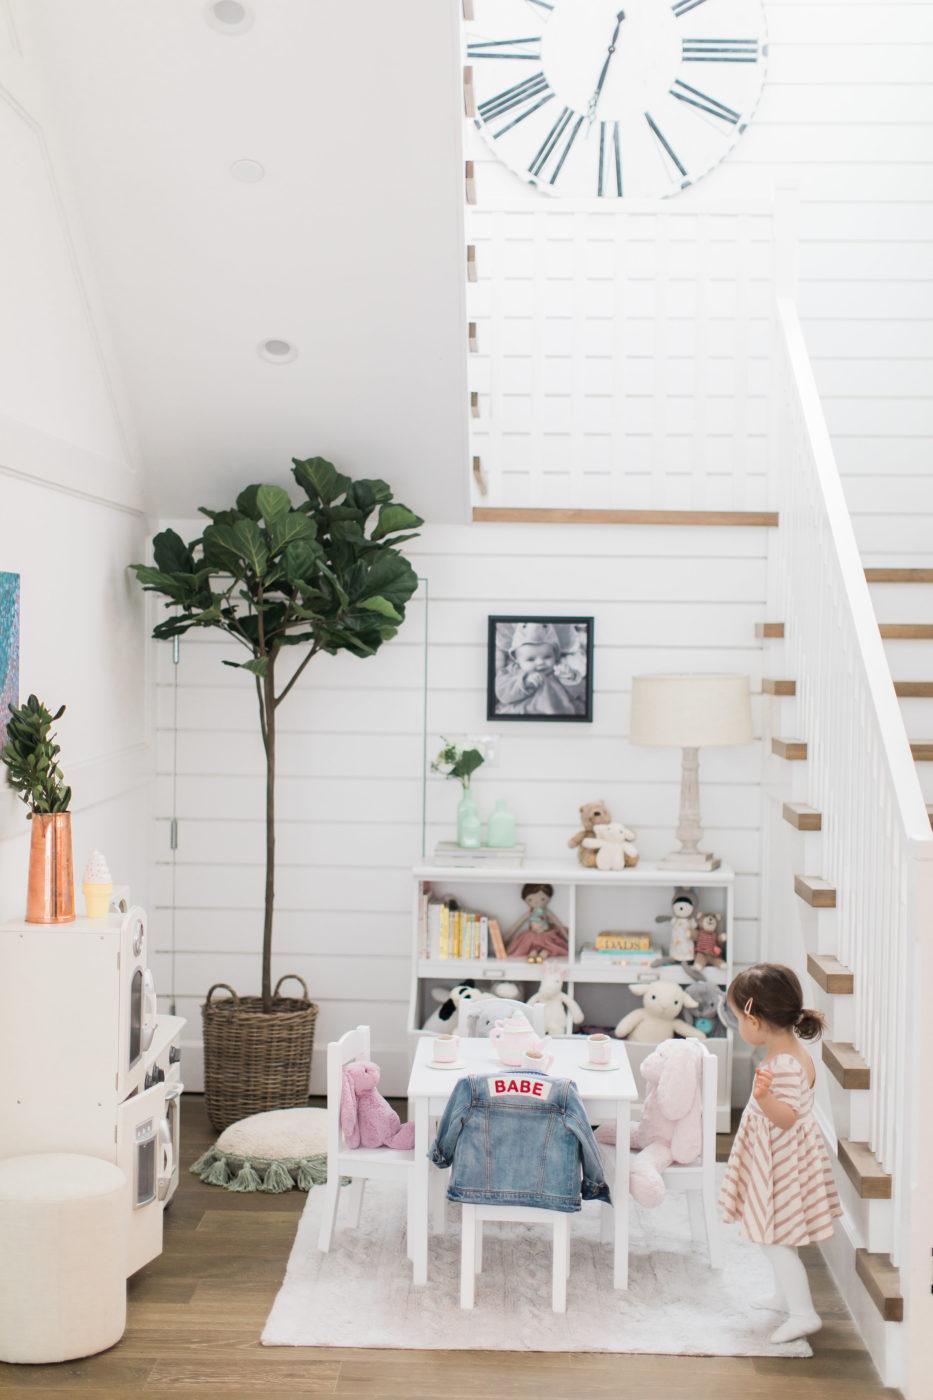 Molly's Playroom